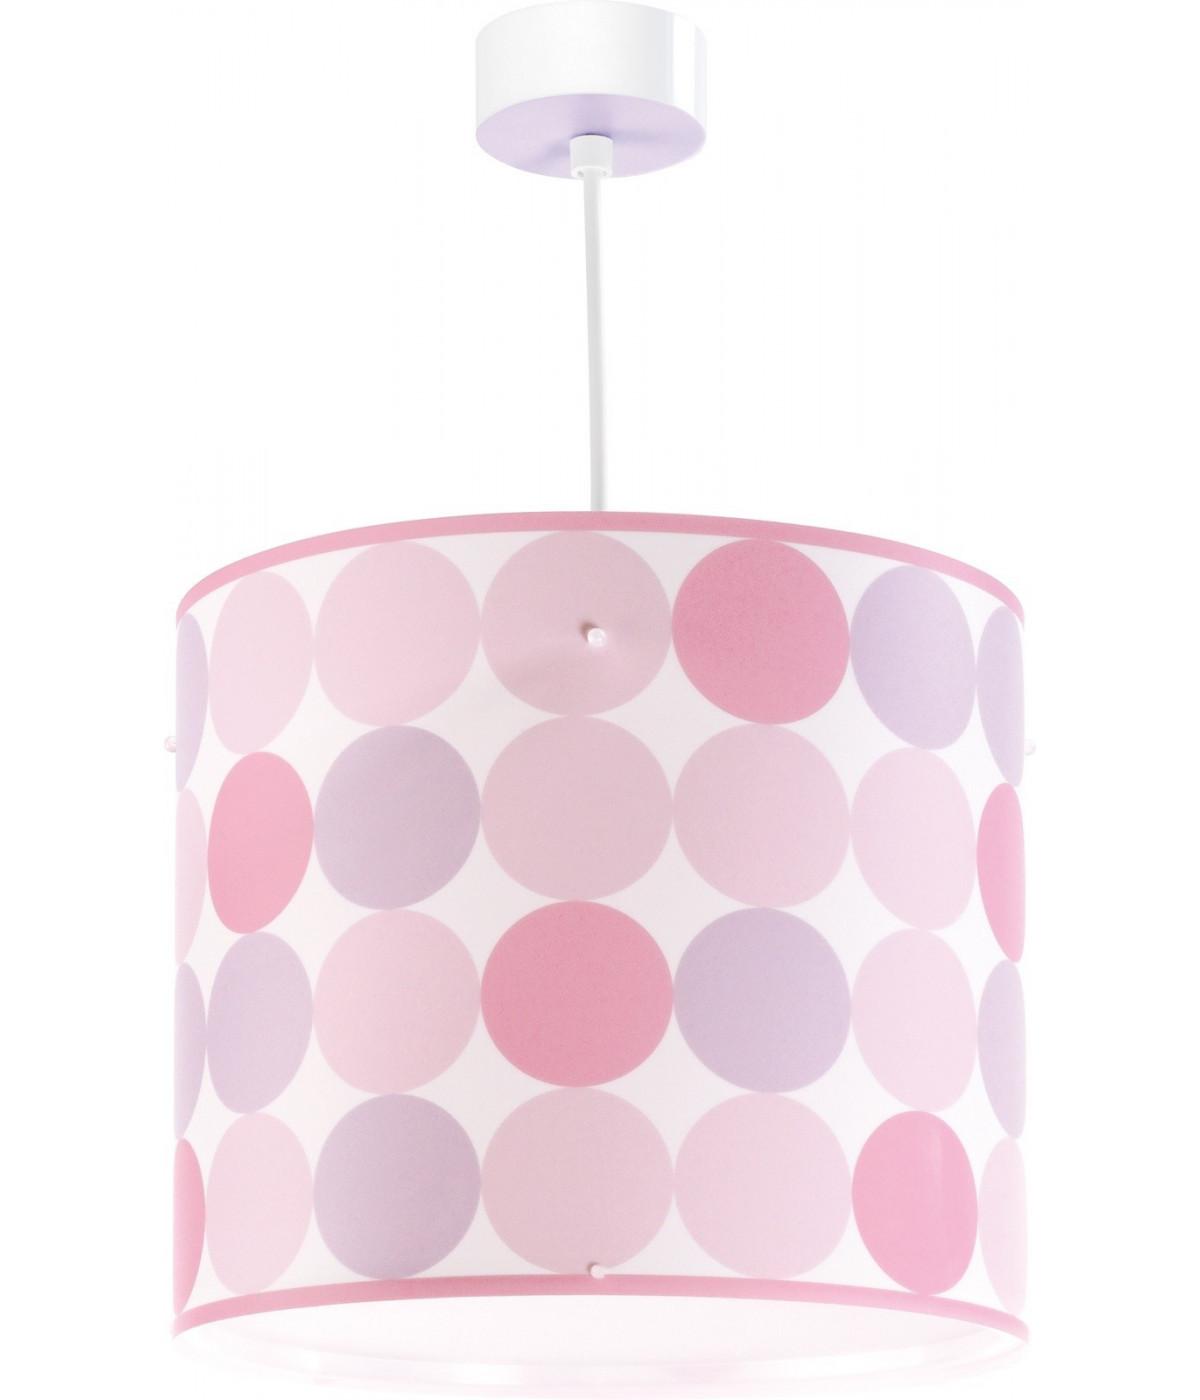 Candeeiro infantil de teto Colors rosa